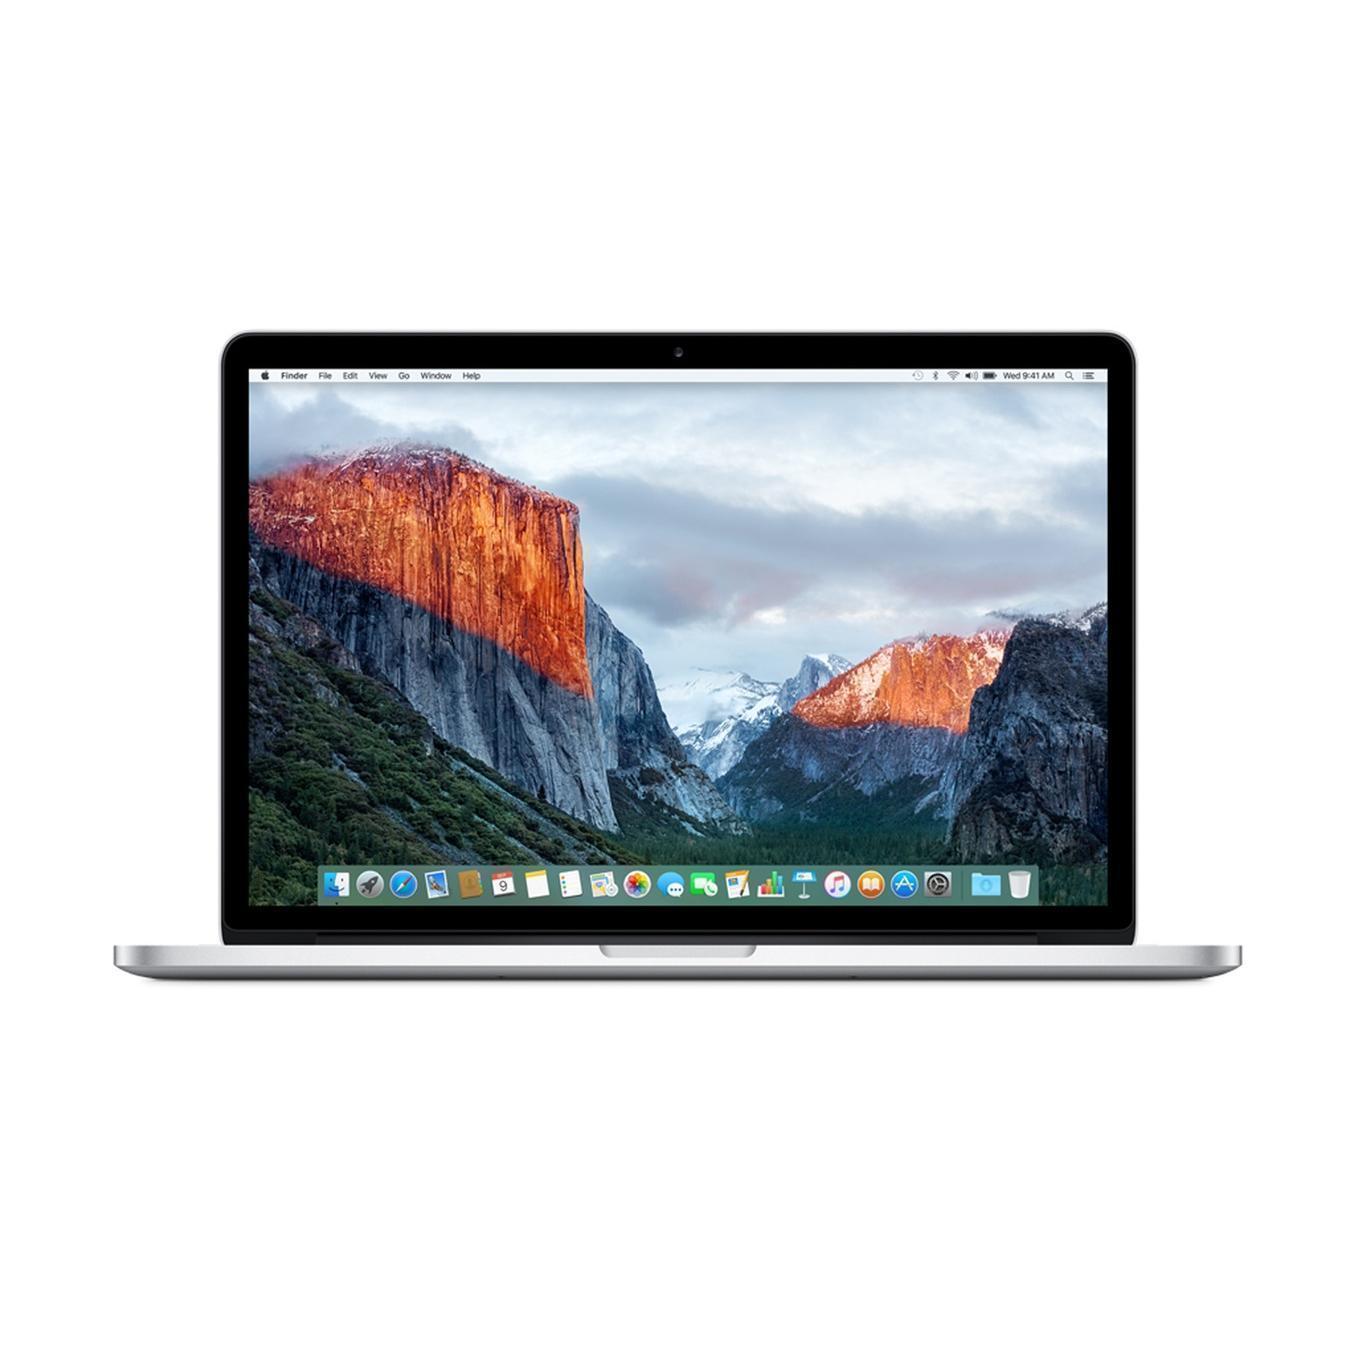 MacBook Pro Retina 15,4-tum (2012) - Core i7 - 16GB - SSD 128 GB QWERTZ - Tyska